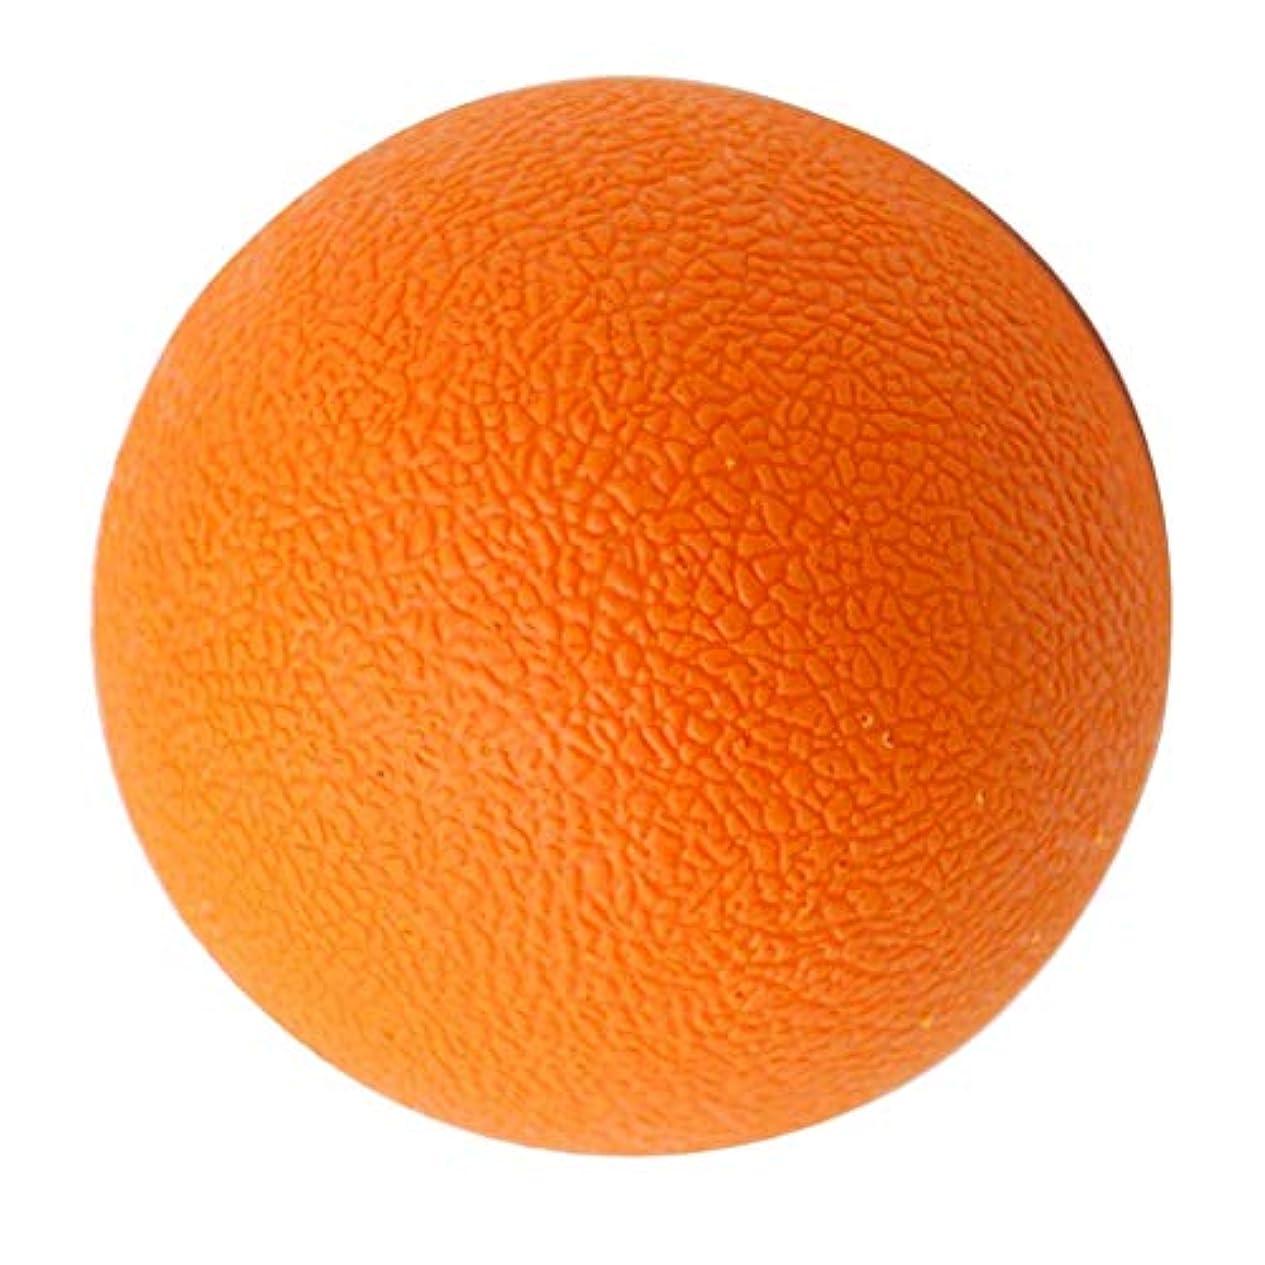 ぬいぐるみ示す令状dailymall マッサージボール ラクロスボール ストレッチボール 筋膜リリース 背中 肩 腰トレーニング ツボ押し